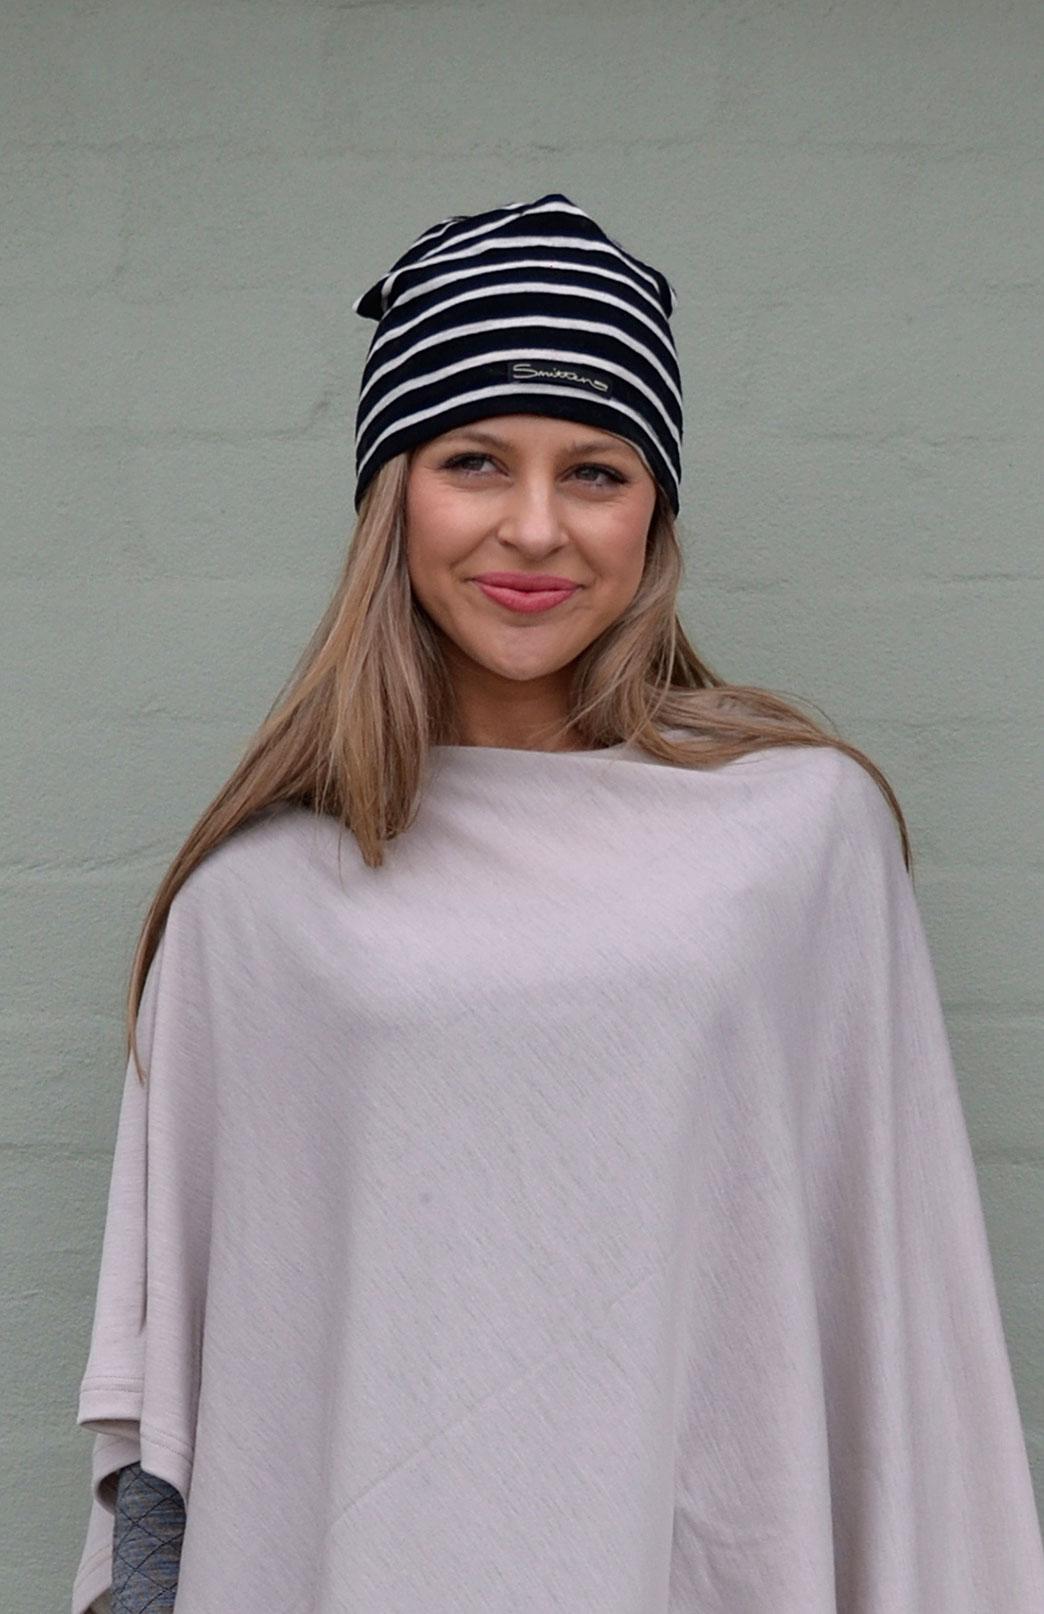 Merino Wool Beanie - Smitten Merino Tasmania Australia